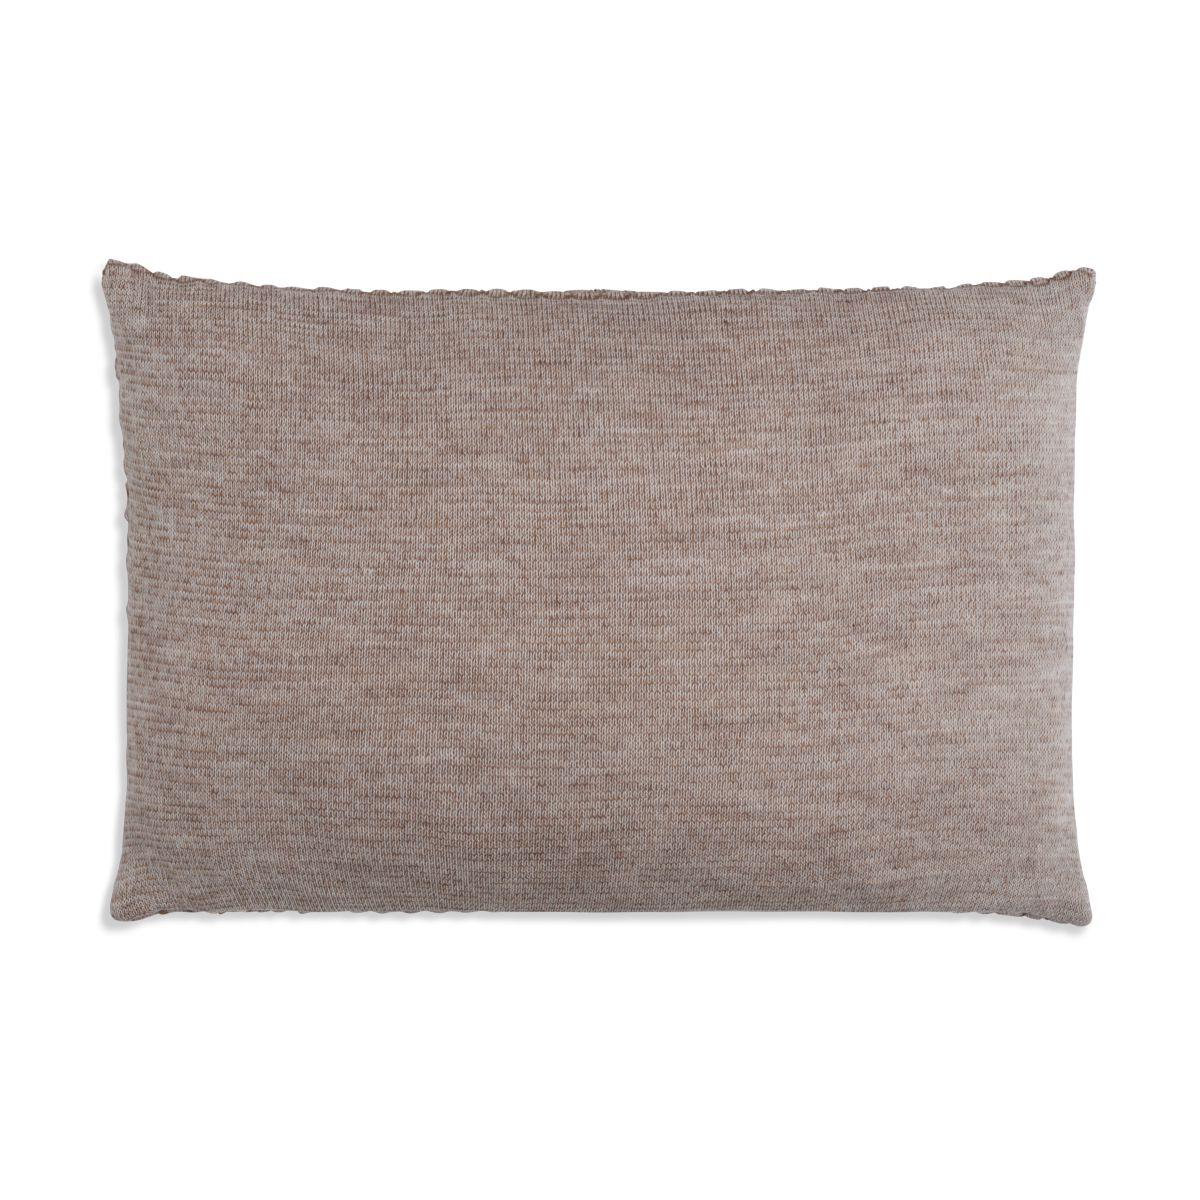 knit factory 1241353 kussen 60x40 juul marron beige 2